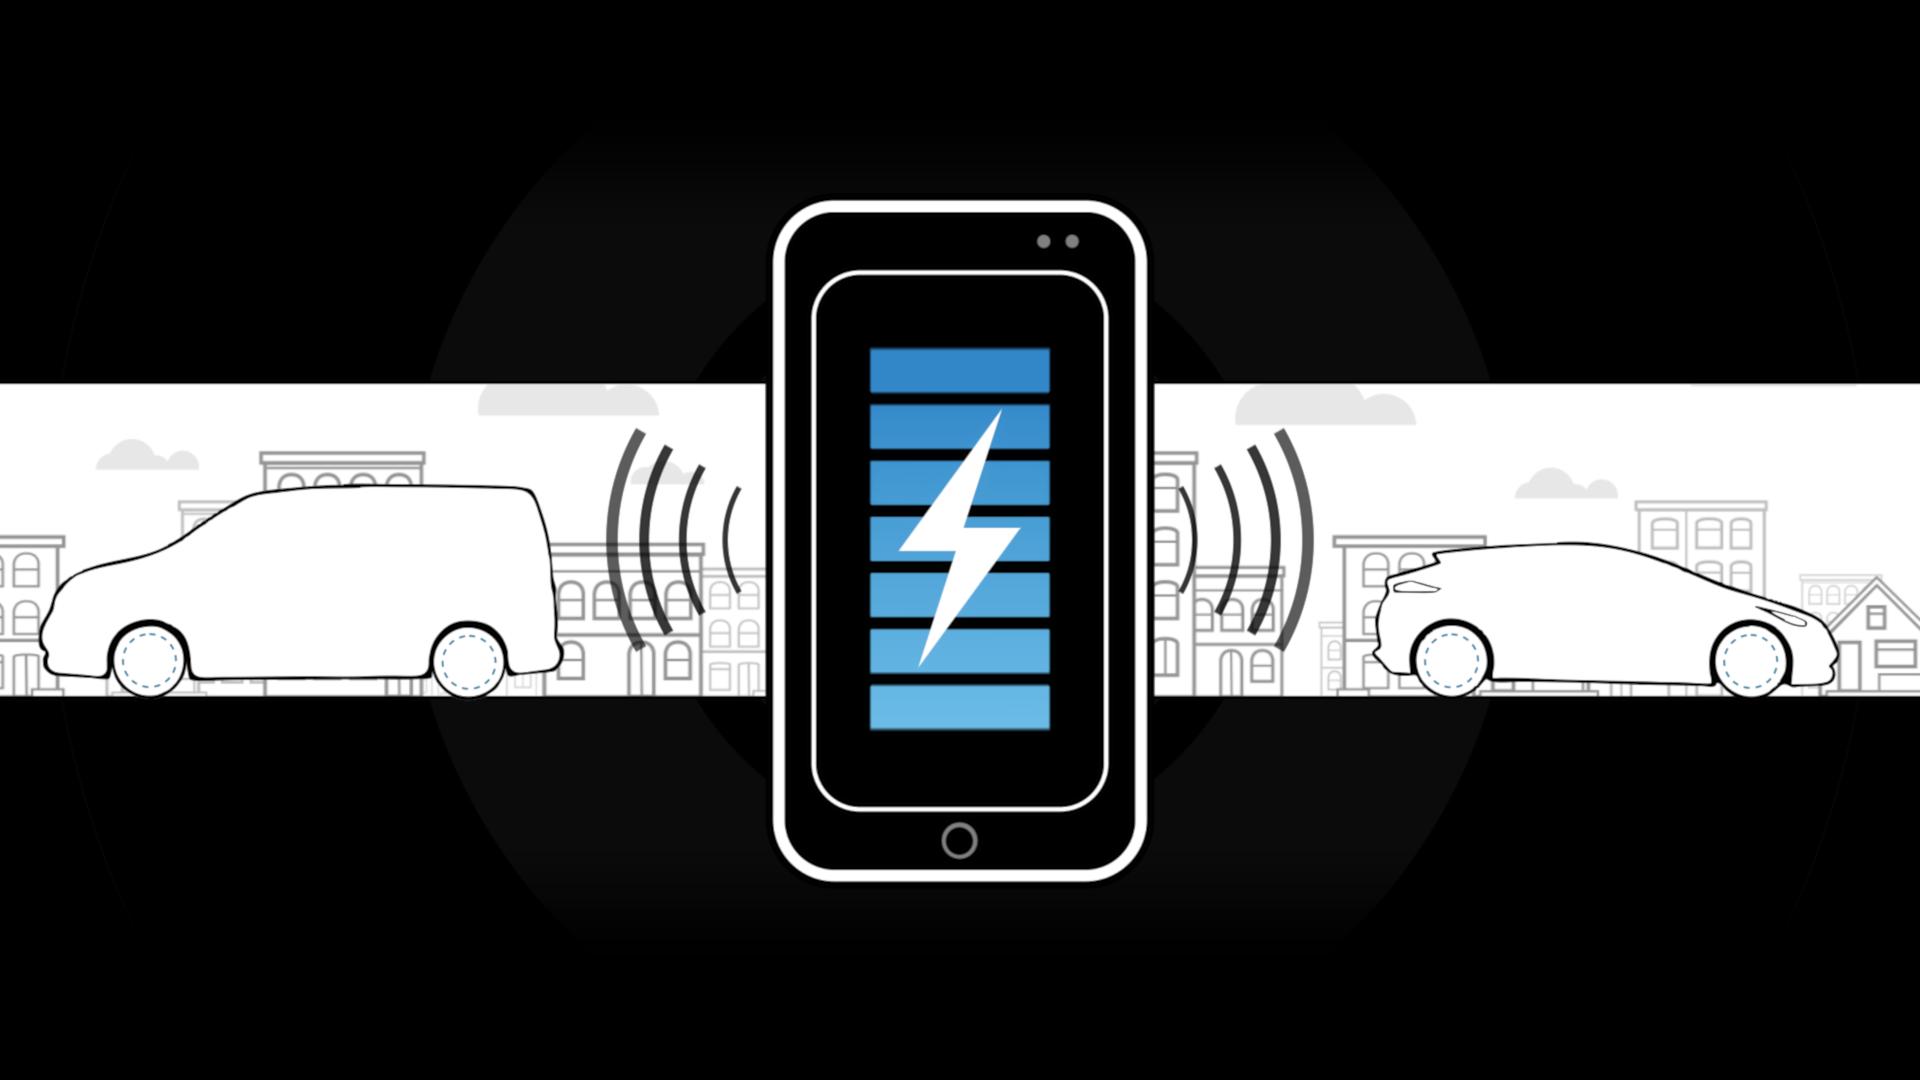 NissanConnect EV for Electric Vehicles - Nissan infotainment